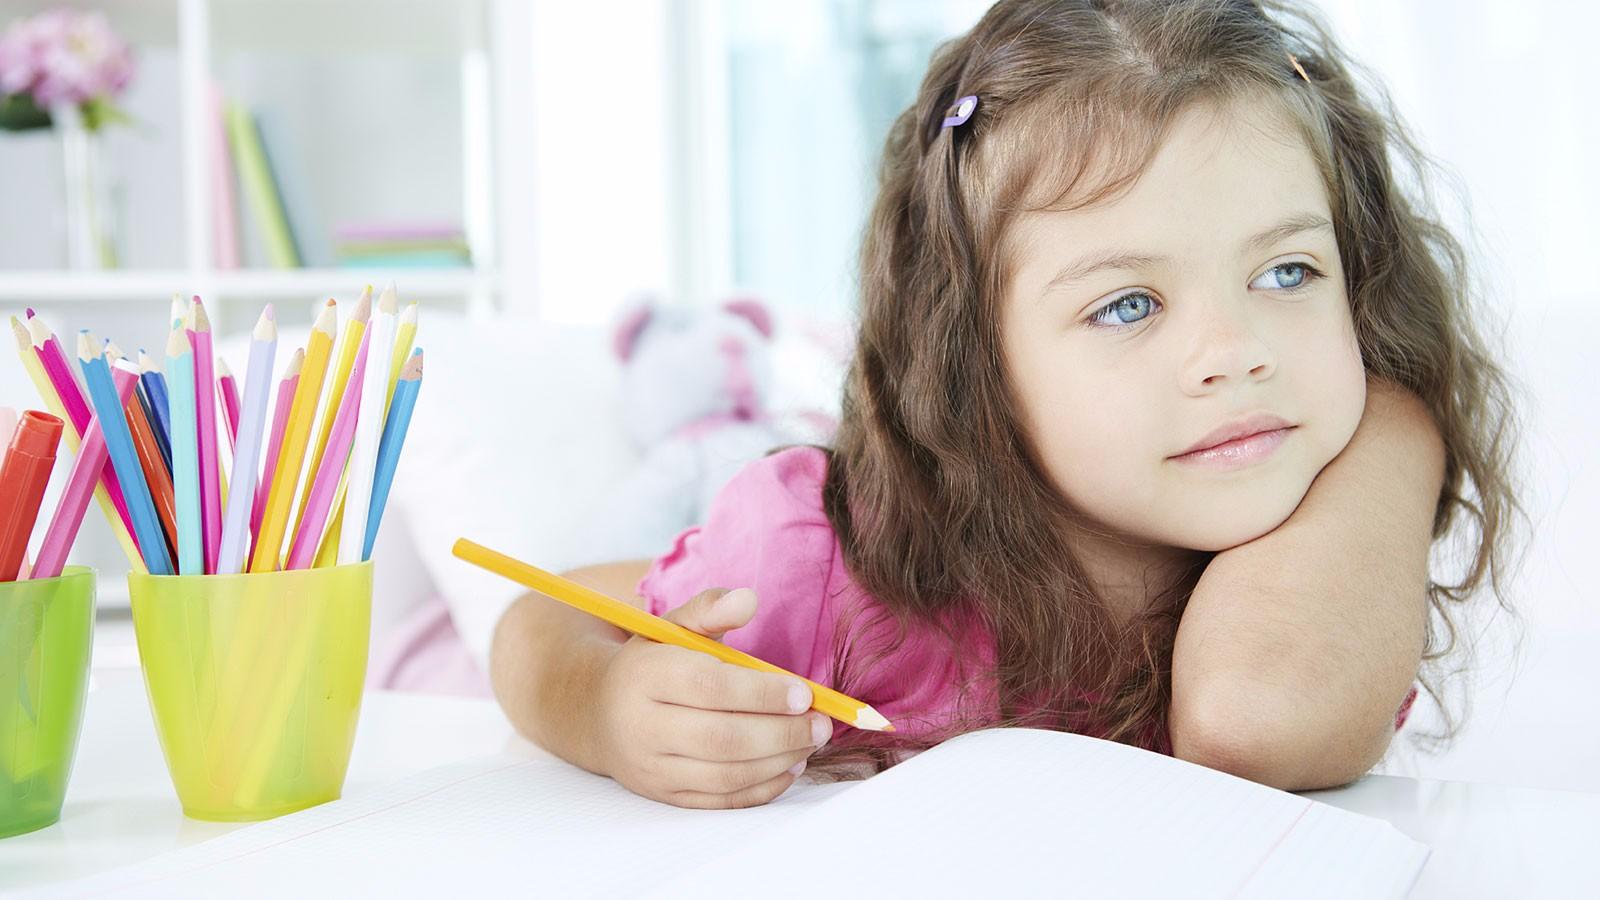 Resultado de imagen para imagen de un niño estudiando en hd